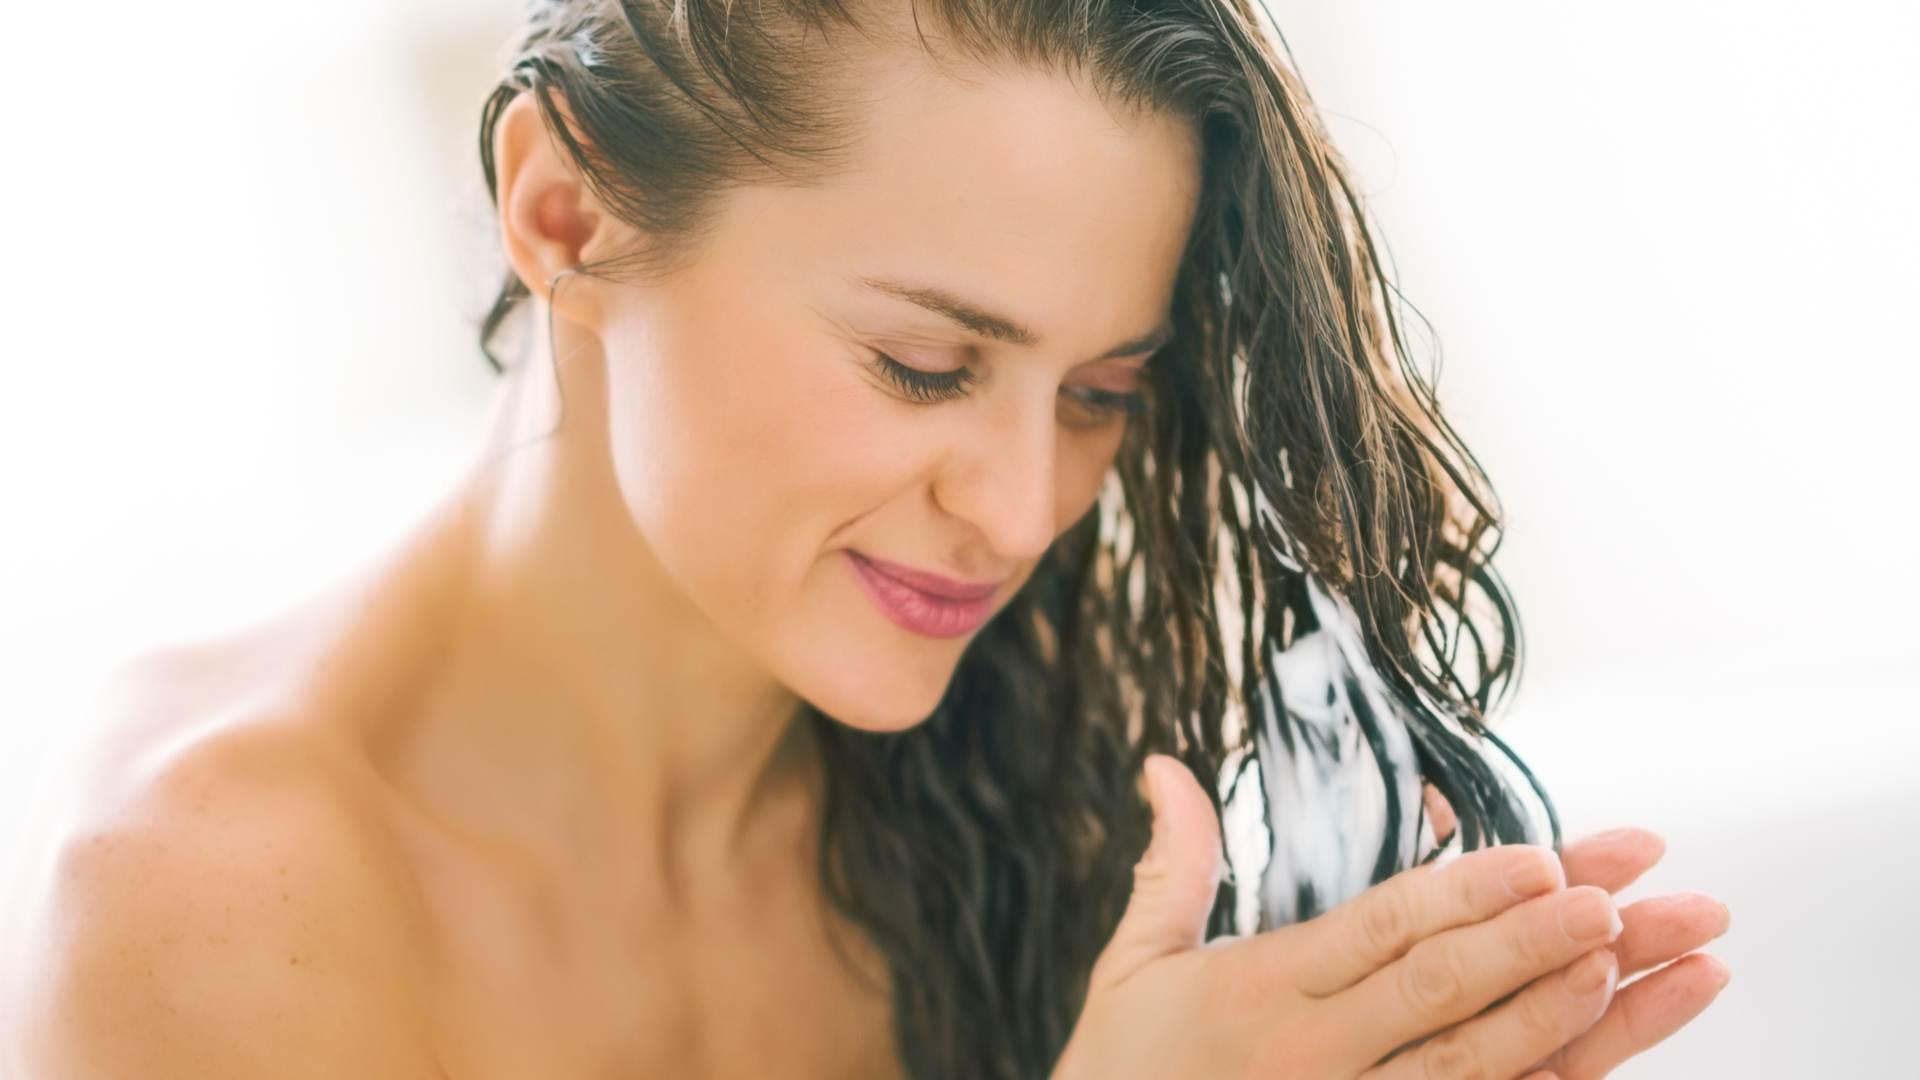 Mulher cuidando dos cabelos no banho